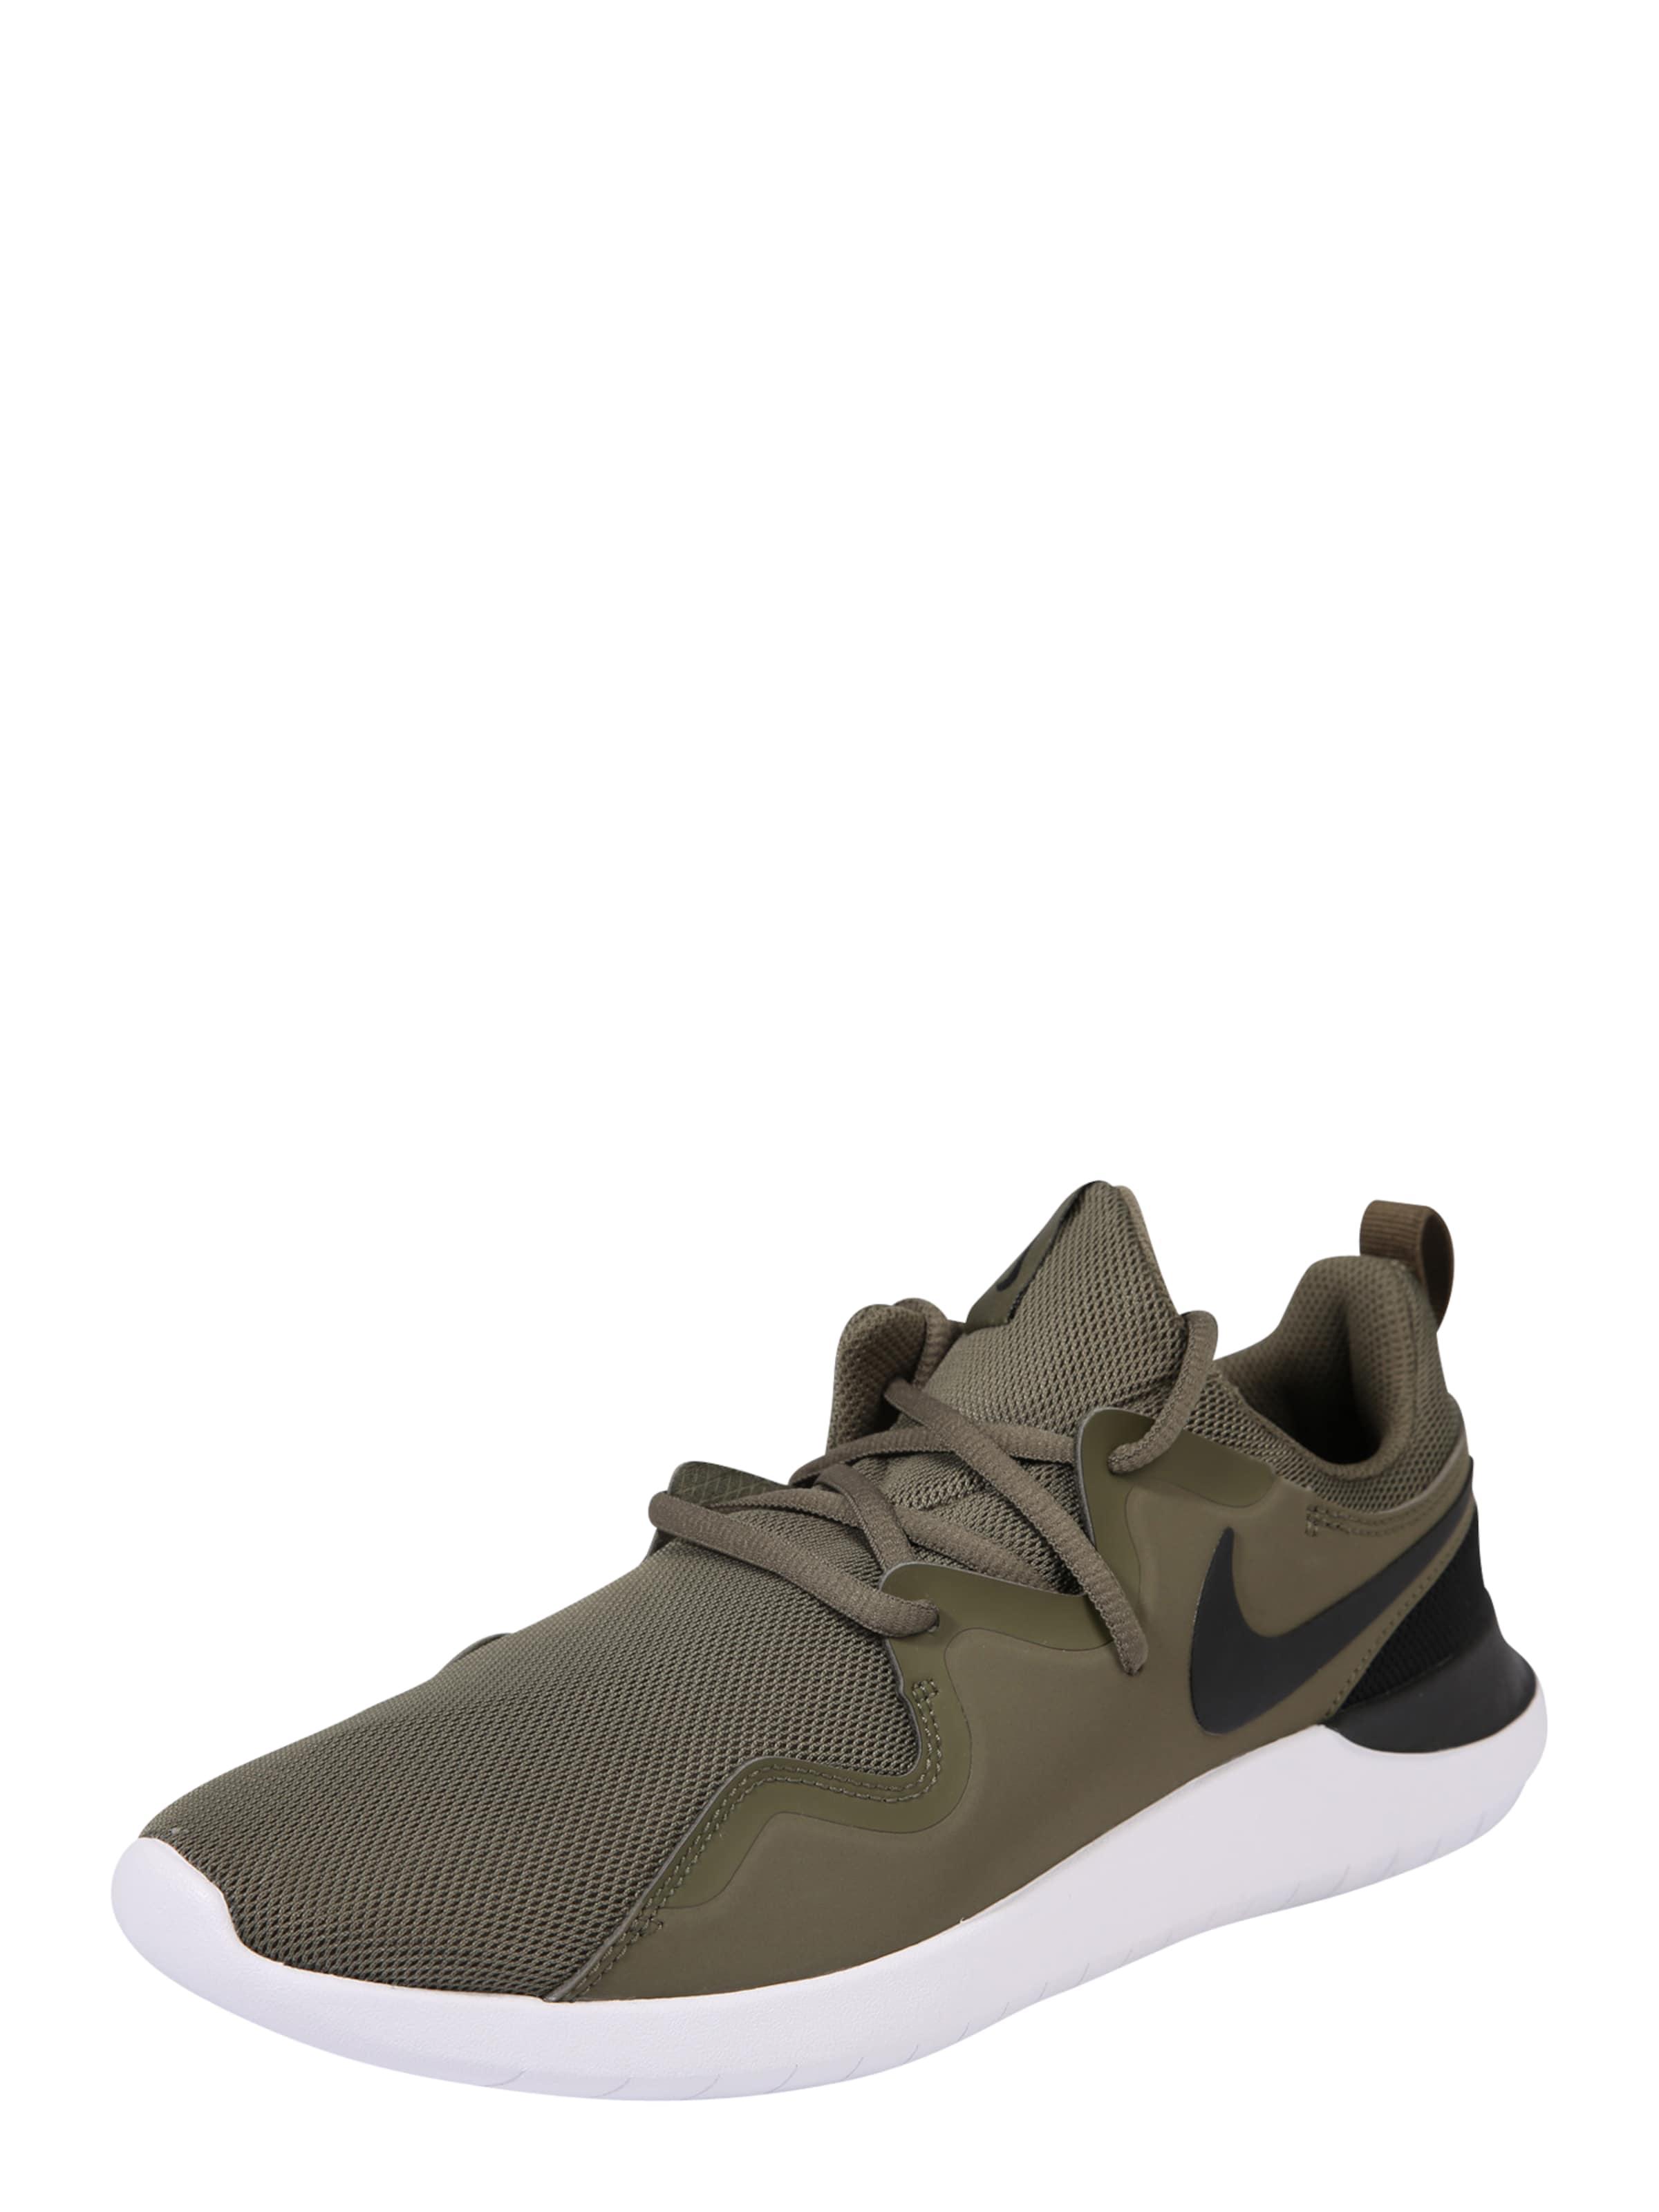 Haltbare Mode Schuhe billige Schuhe Nike Sportswear | Sneaker 'Tessen' Schuhe Mode Gut getragene Schuhe 1a2a74